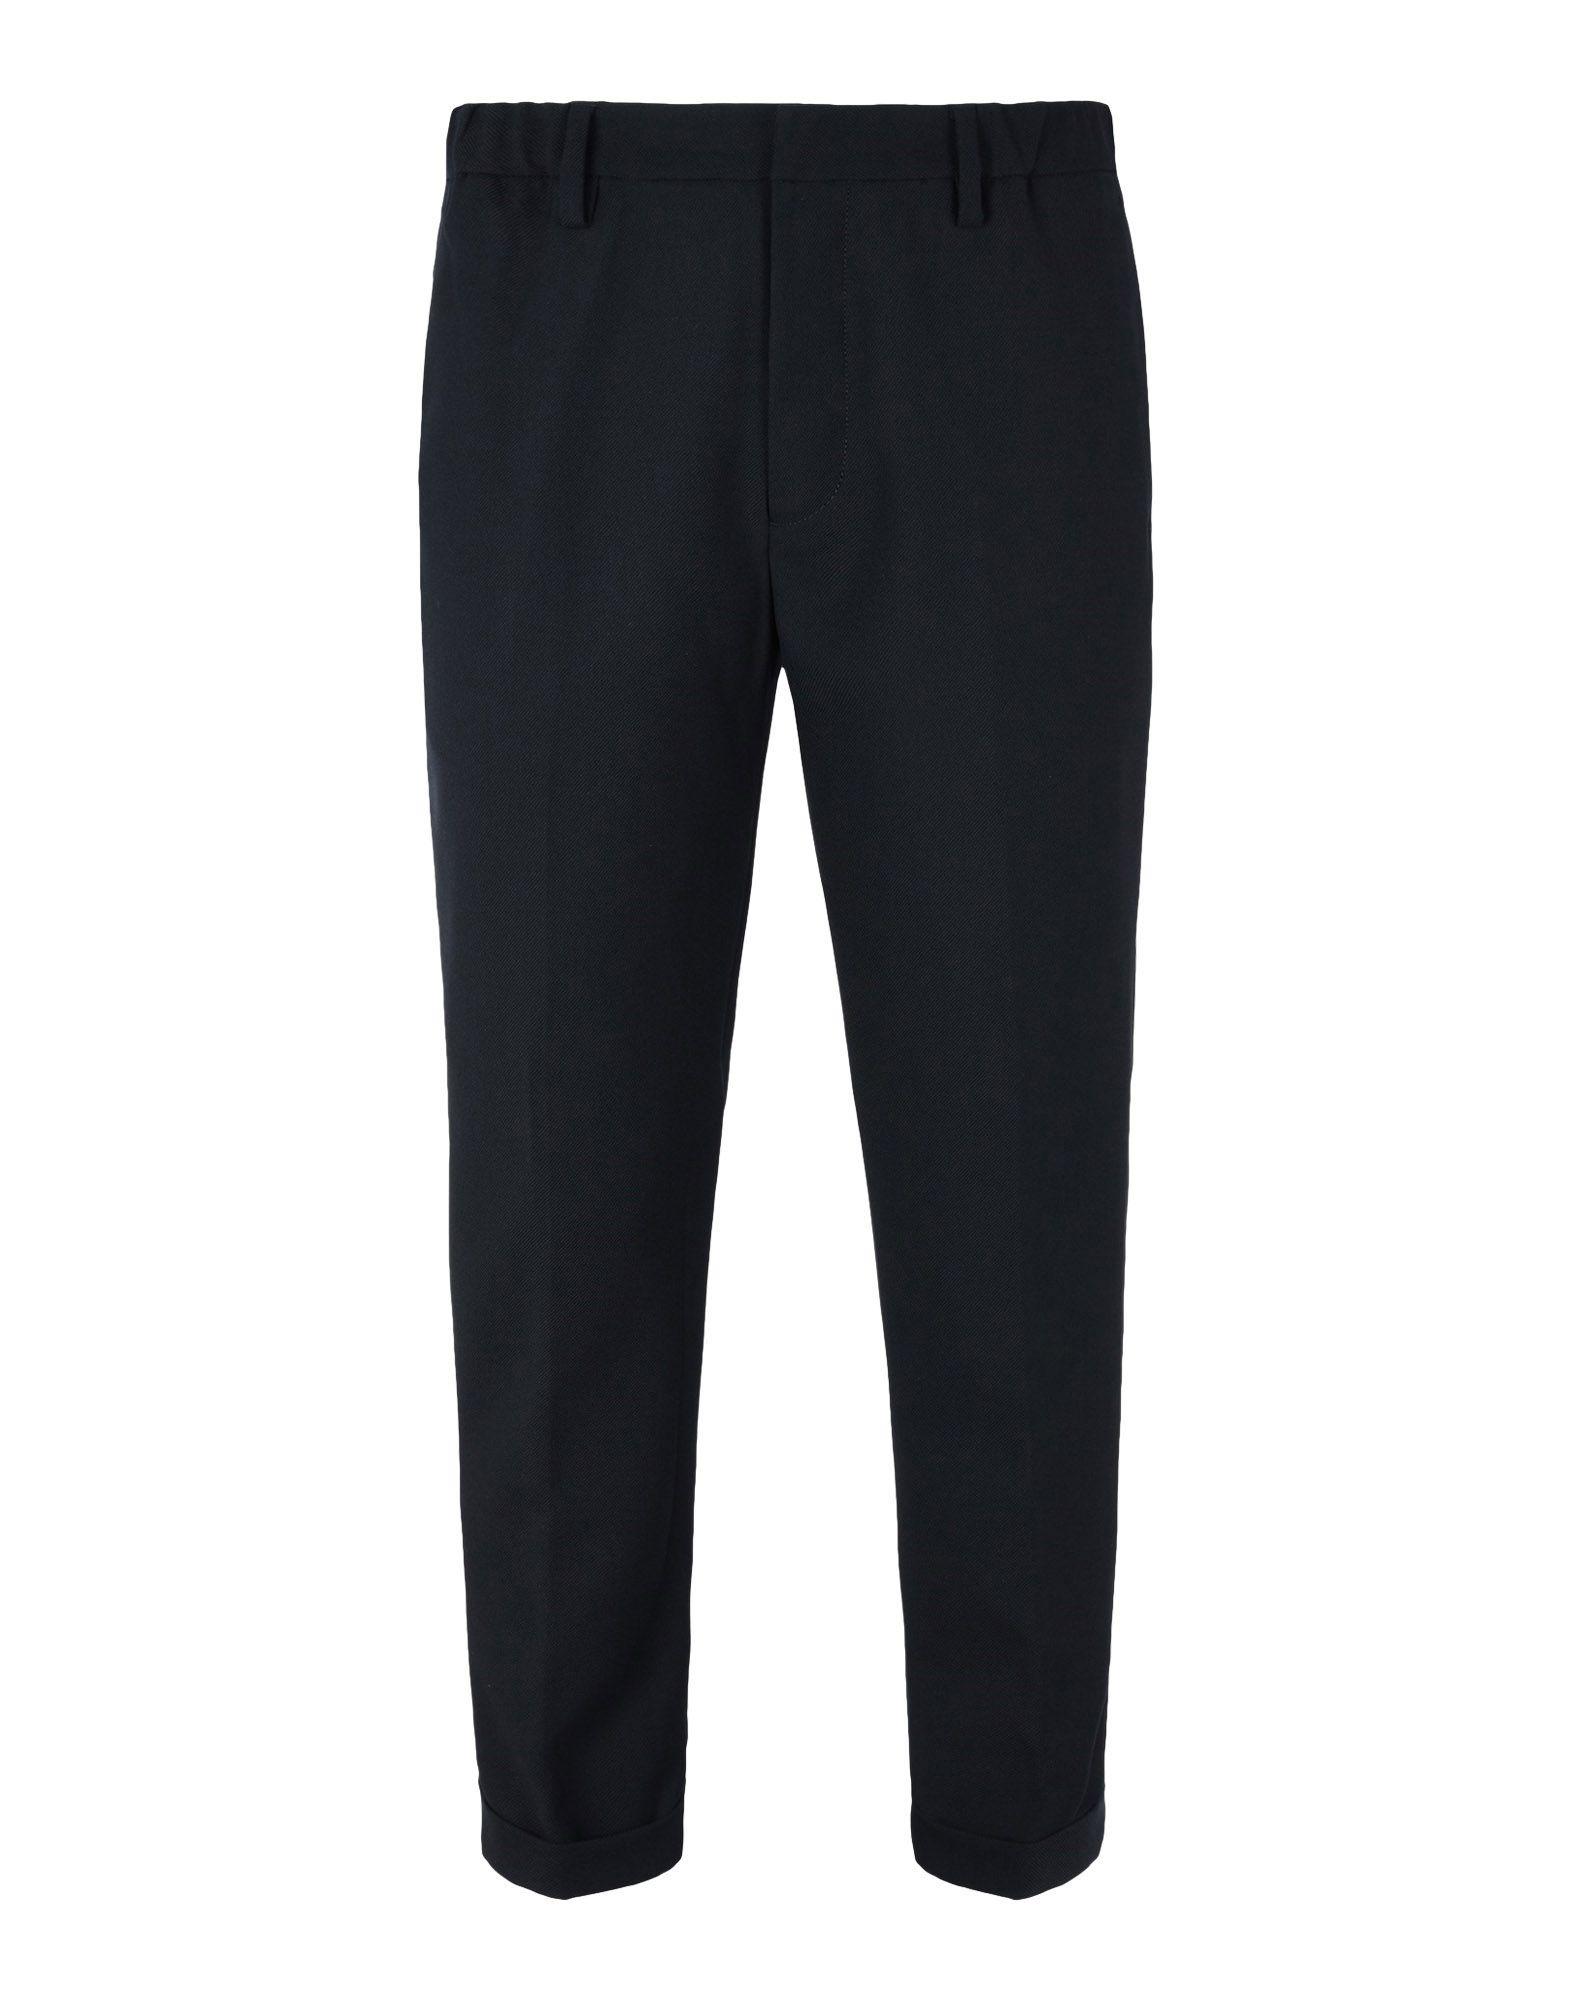 Pantalone Emporio Emporio Armani uomo - 13238999UR  Sparen Sie bis zu 70% Rabatt